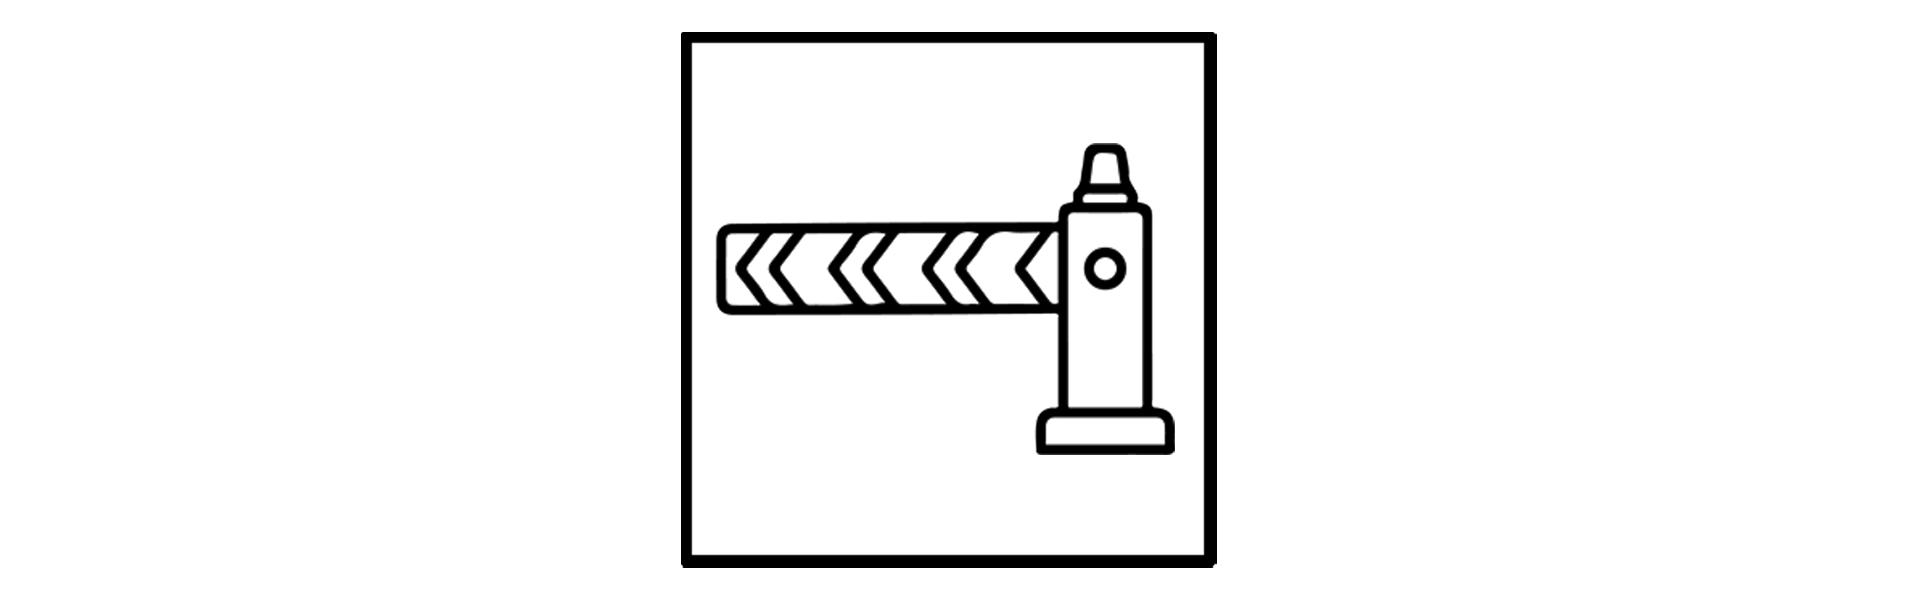 gate control icon-3